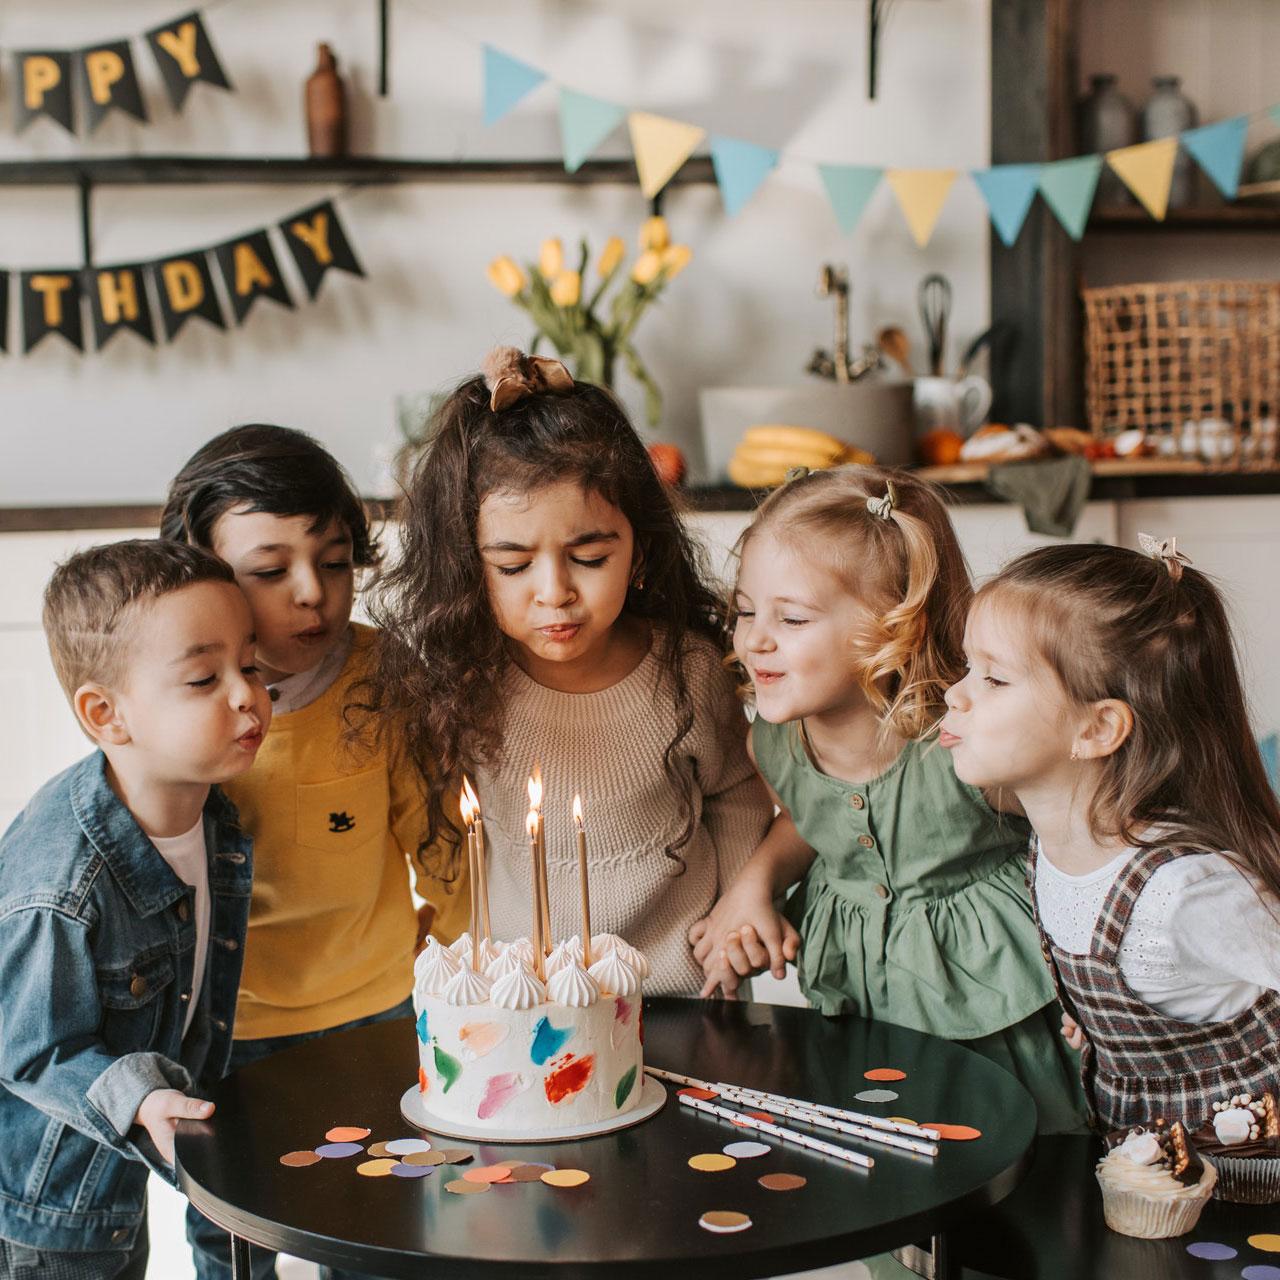 Fünf Kinder feiern zusammen Geburtstag. Das Mädchen in der Mitte bläst gerad die Kerzen auf ihrer Geburtstagstorte aus